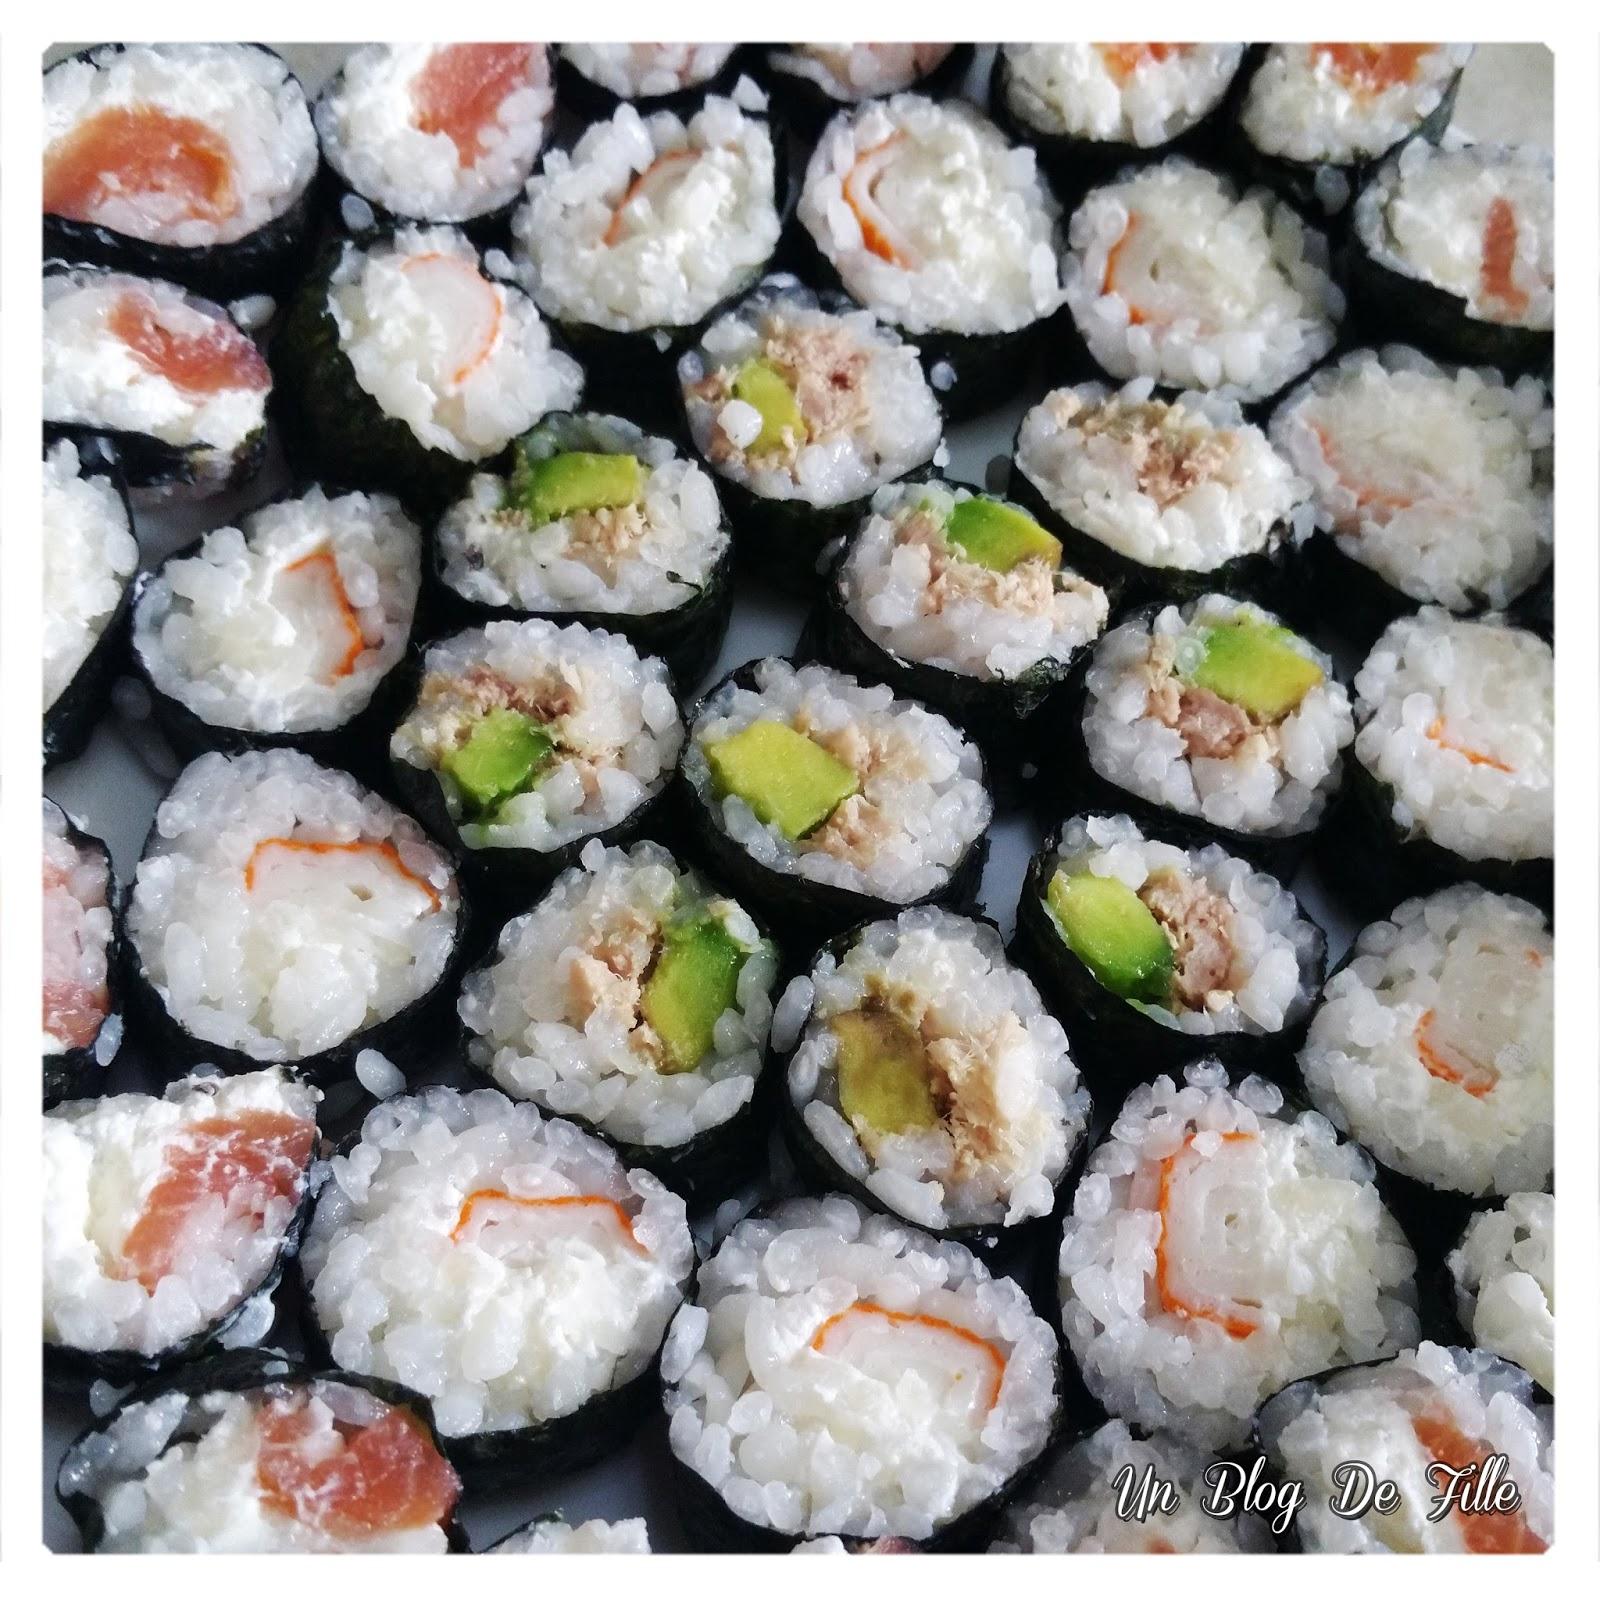 https://unblogdefille.blogspot.fr/2018/03/recette-makis-saumon-surimi-thon.html